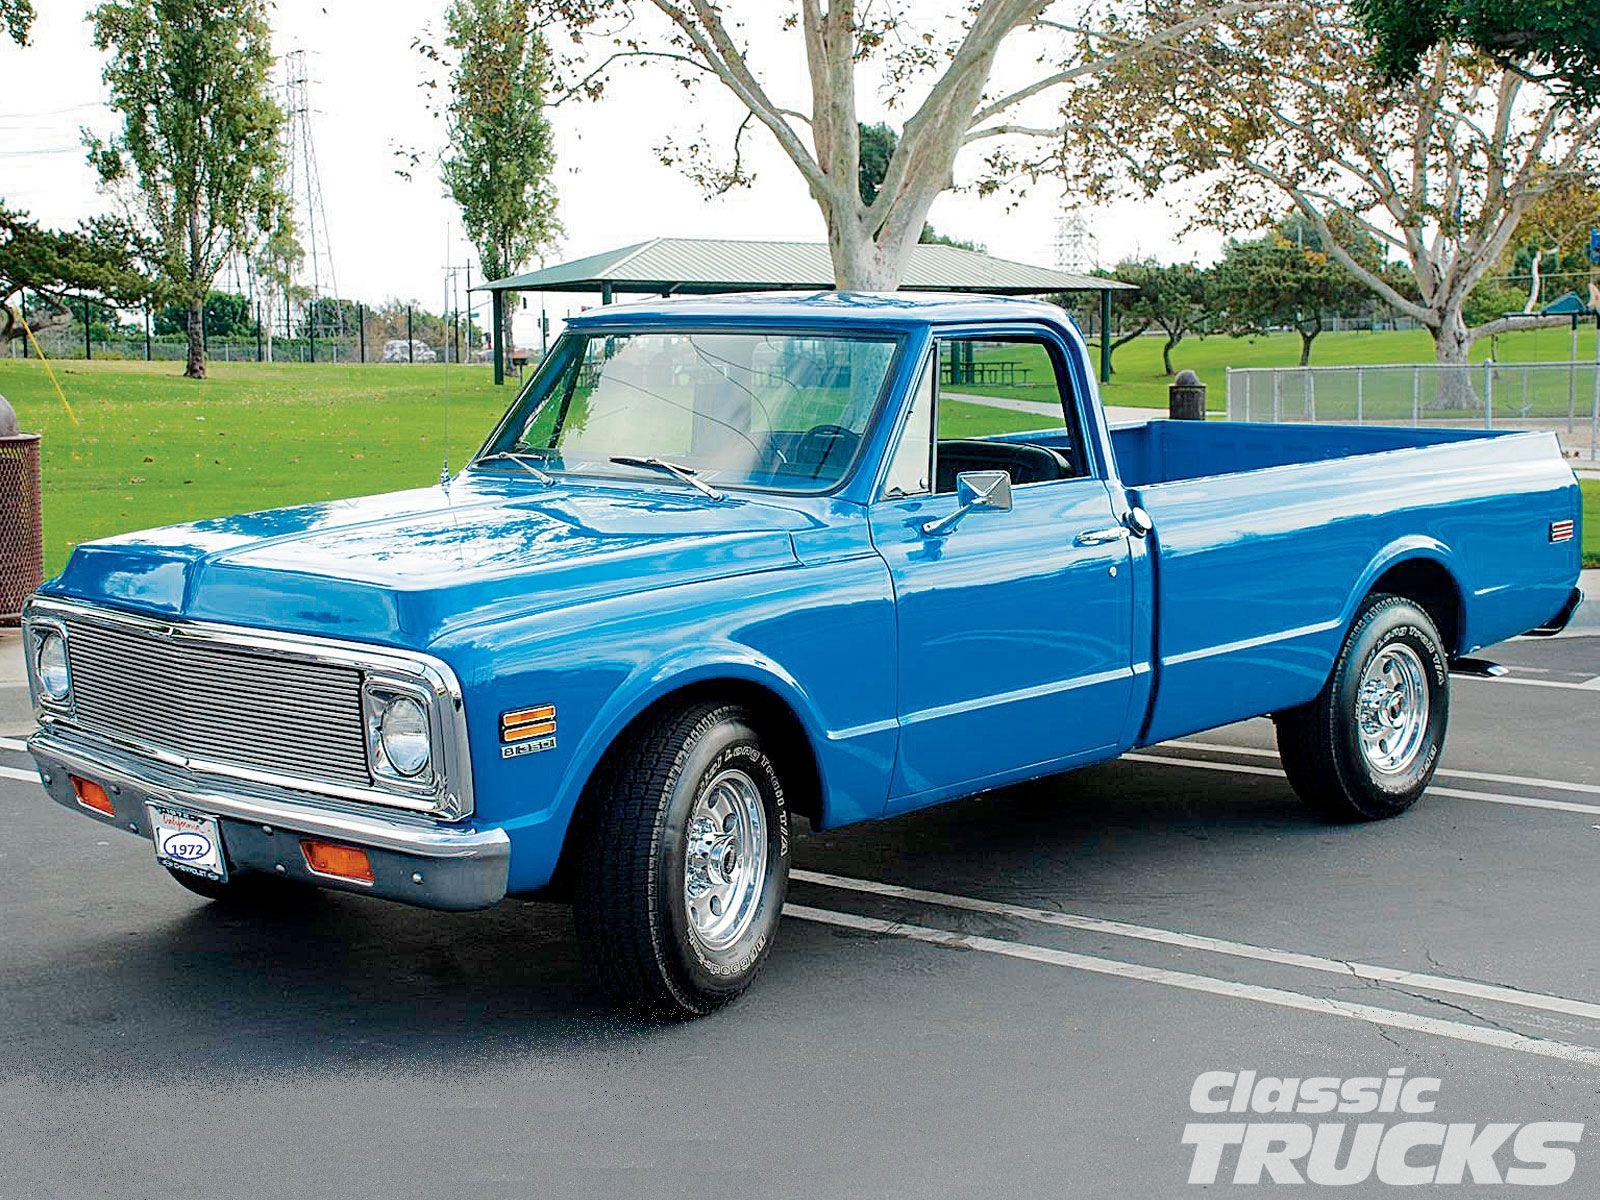 medium resolution of a 1971 chevy c20 in medium blue really nice